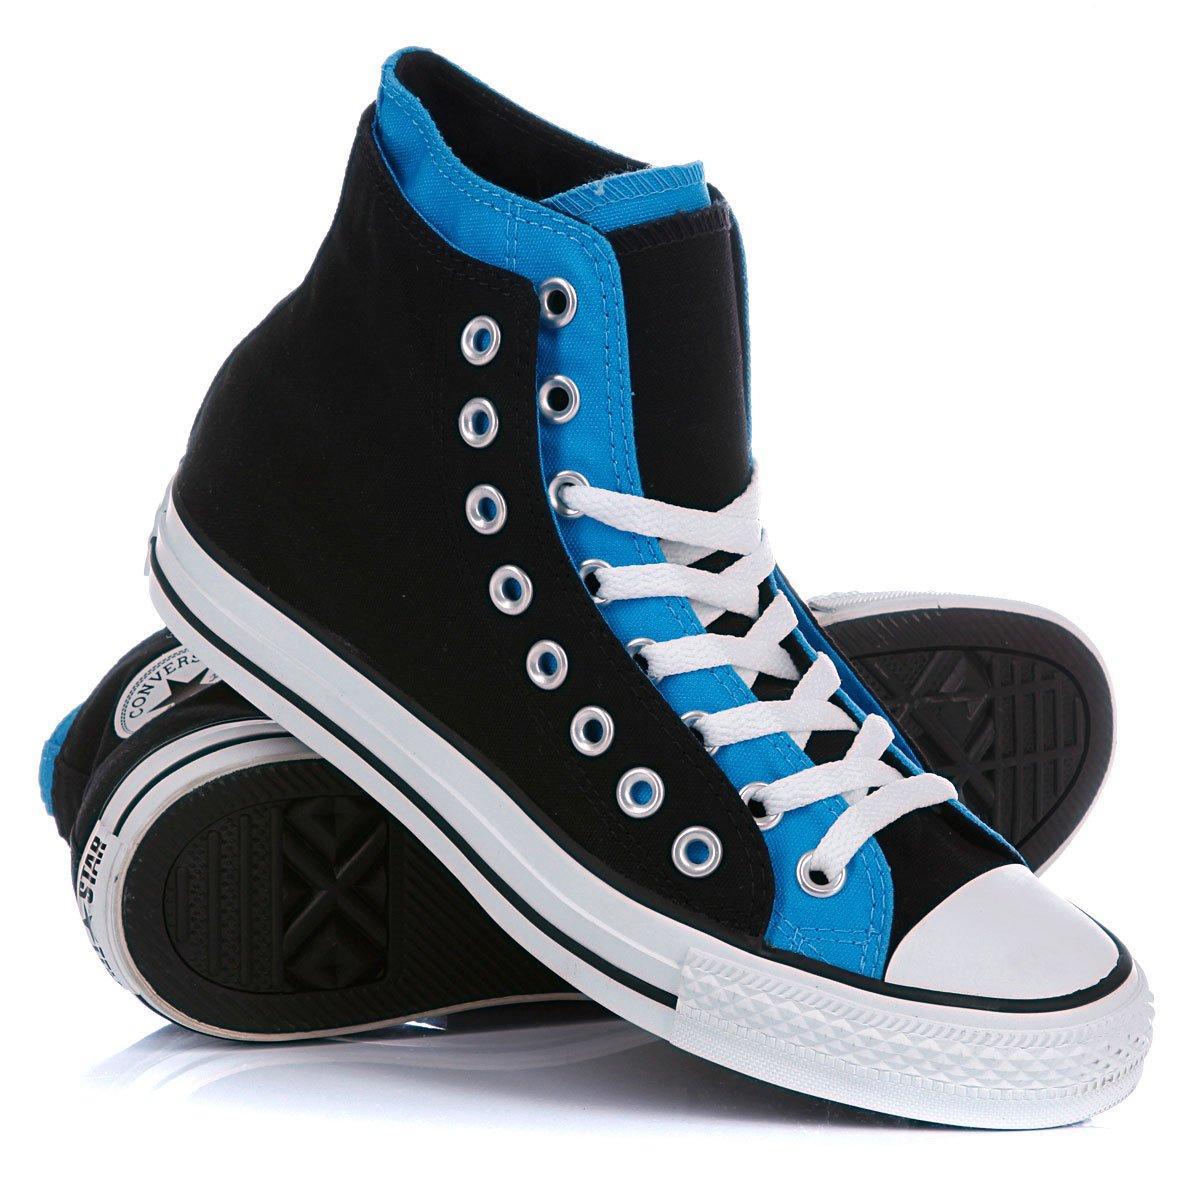 Купить кеды высокие Converse Chuck Taylor Double Upper Hi Black Blue  (250712convv82) в интернет-магазине Proskater.by b4b4cfe0d02